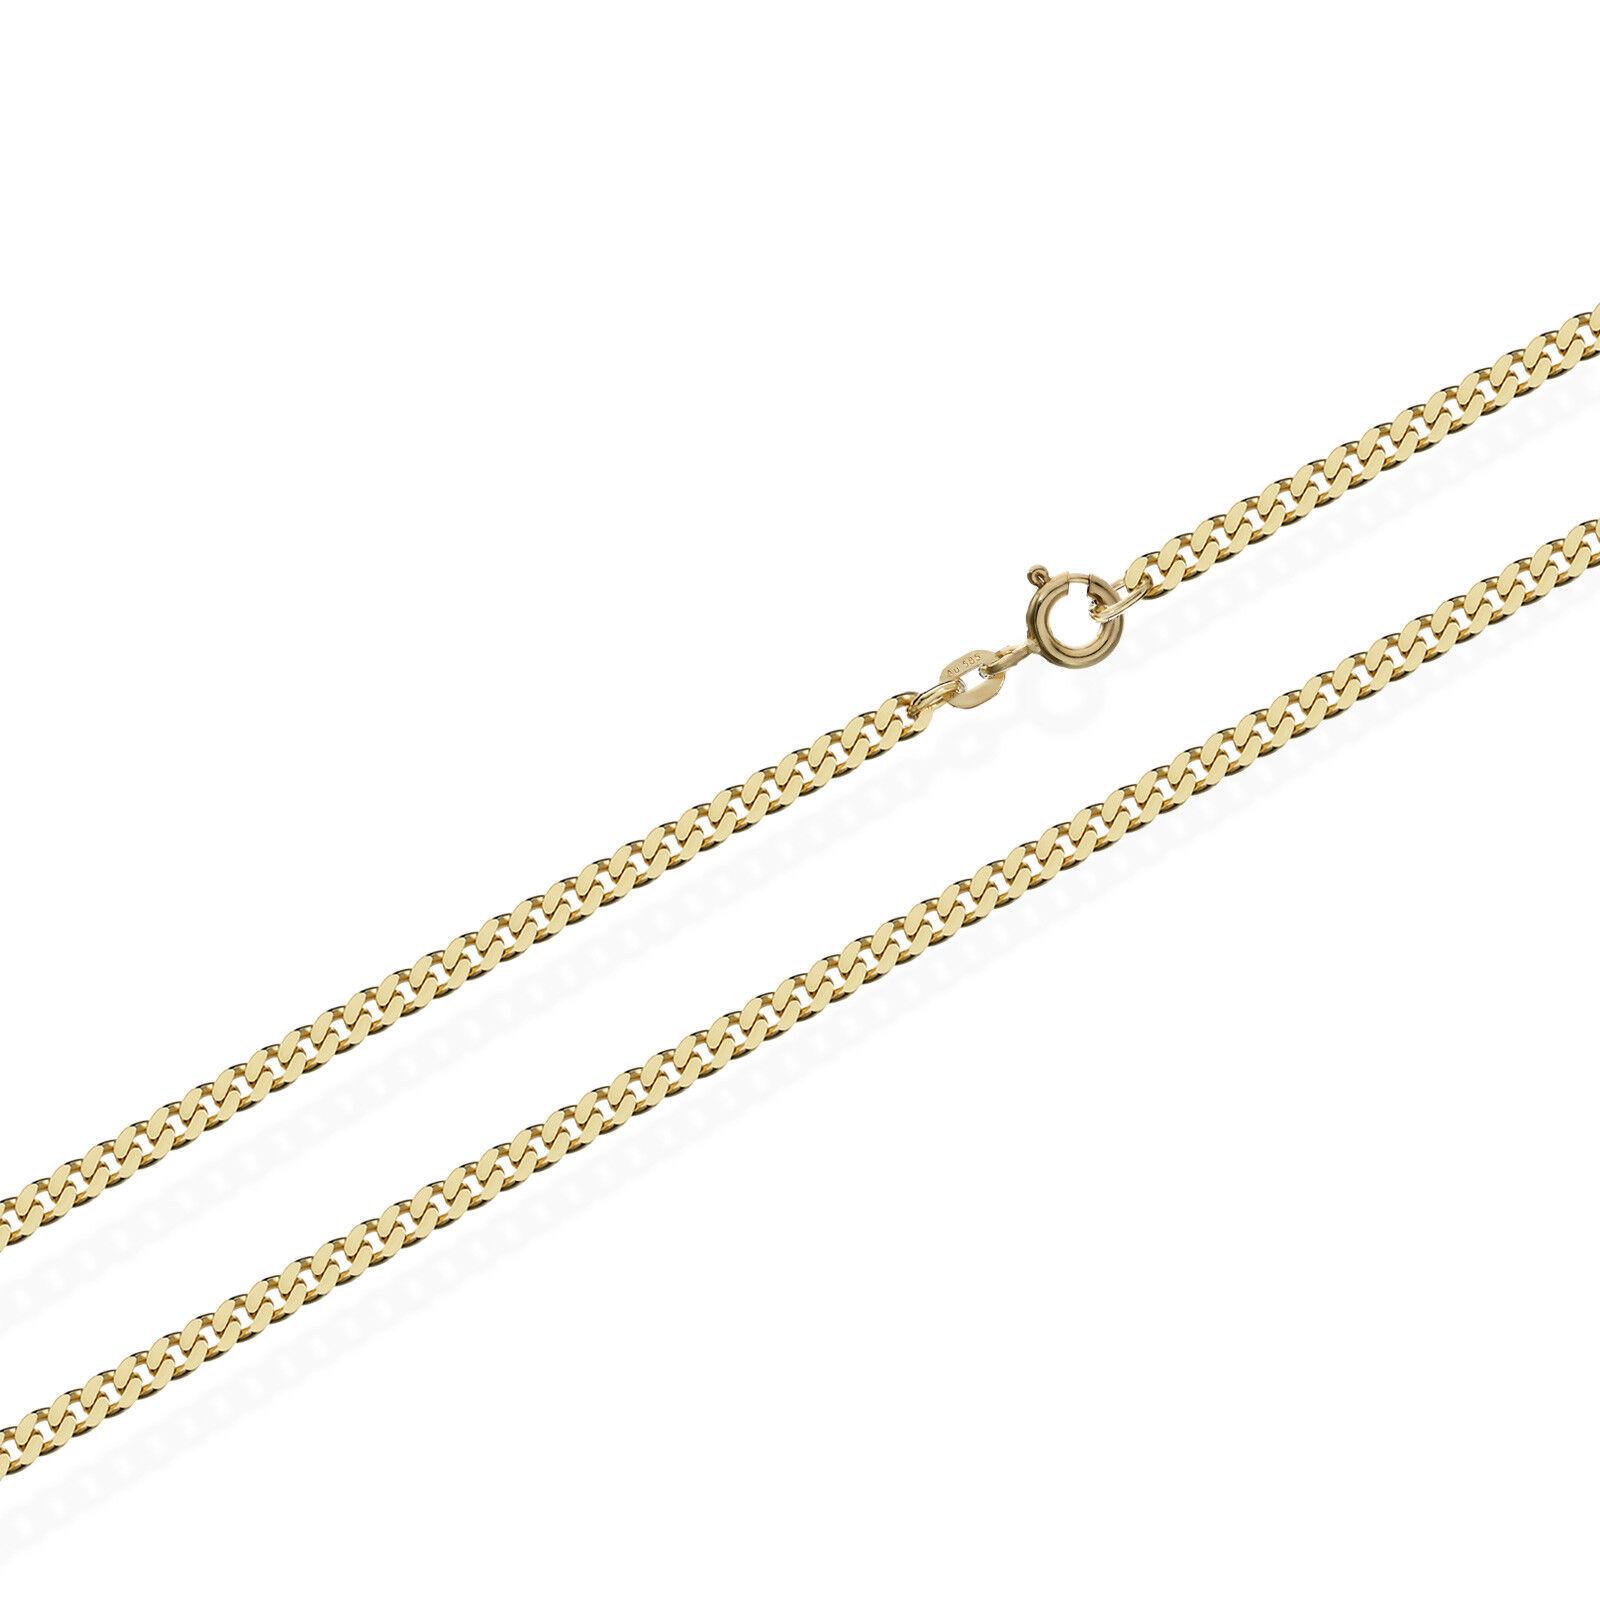 Carro ARMATO CATENA CATENA CATENA 585er massiccio giallo oro catena 5852 60cm lungo 8 5g 2 1mm NUOVO larga 8af011